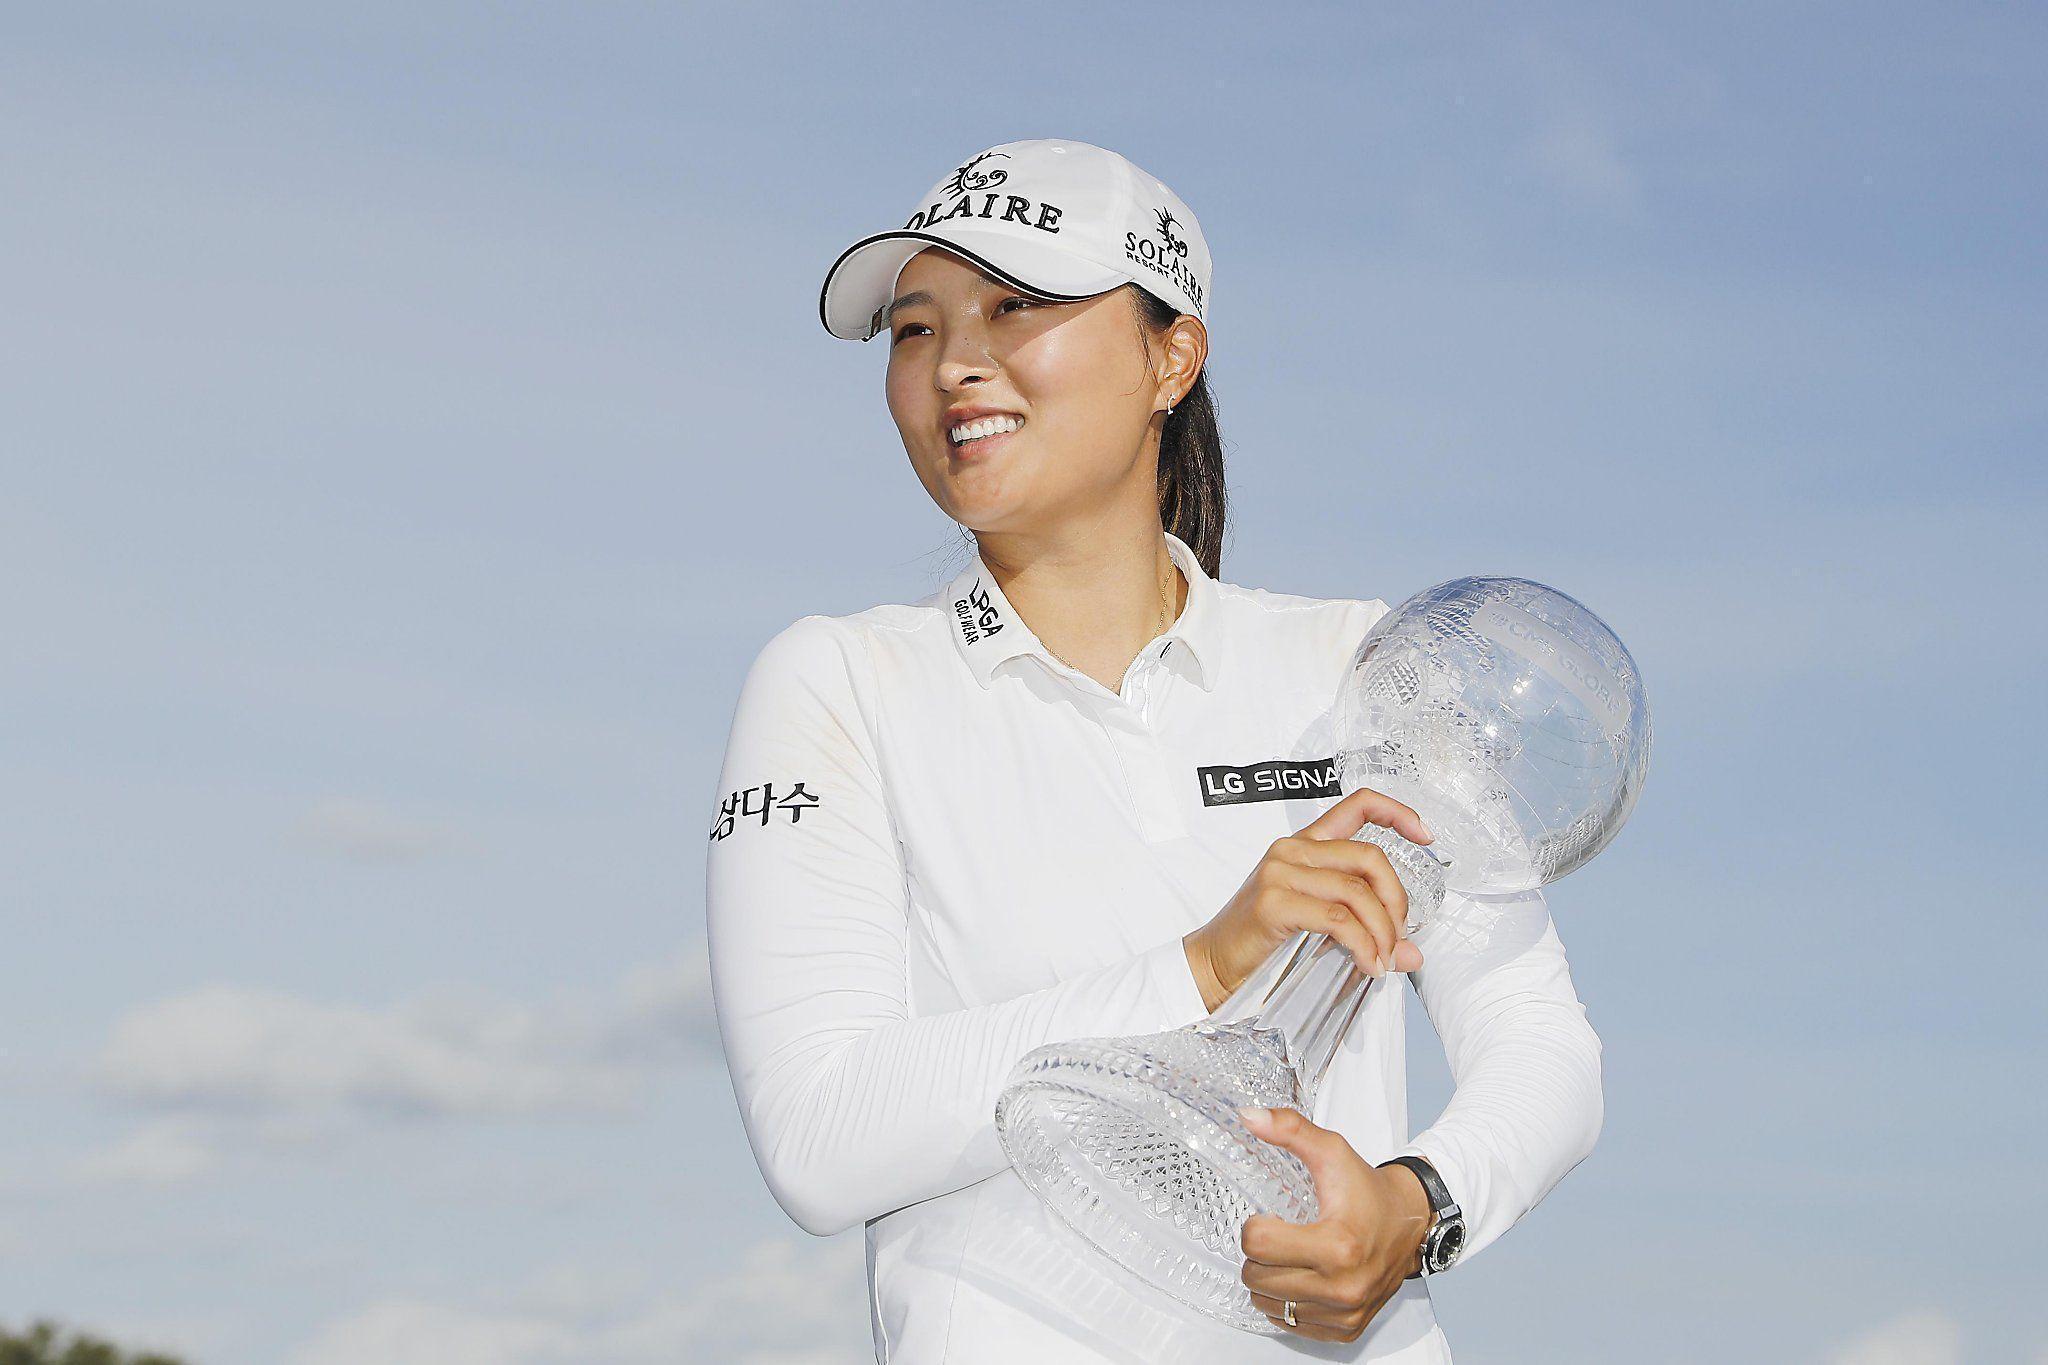 Bóng hồng châu Á thống trị golf thế giới: Gieo mộng lớn cho golf Việt-1